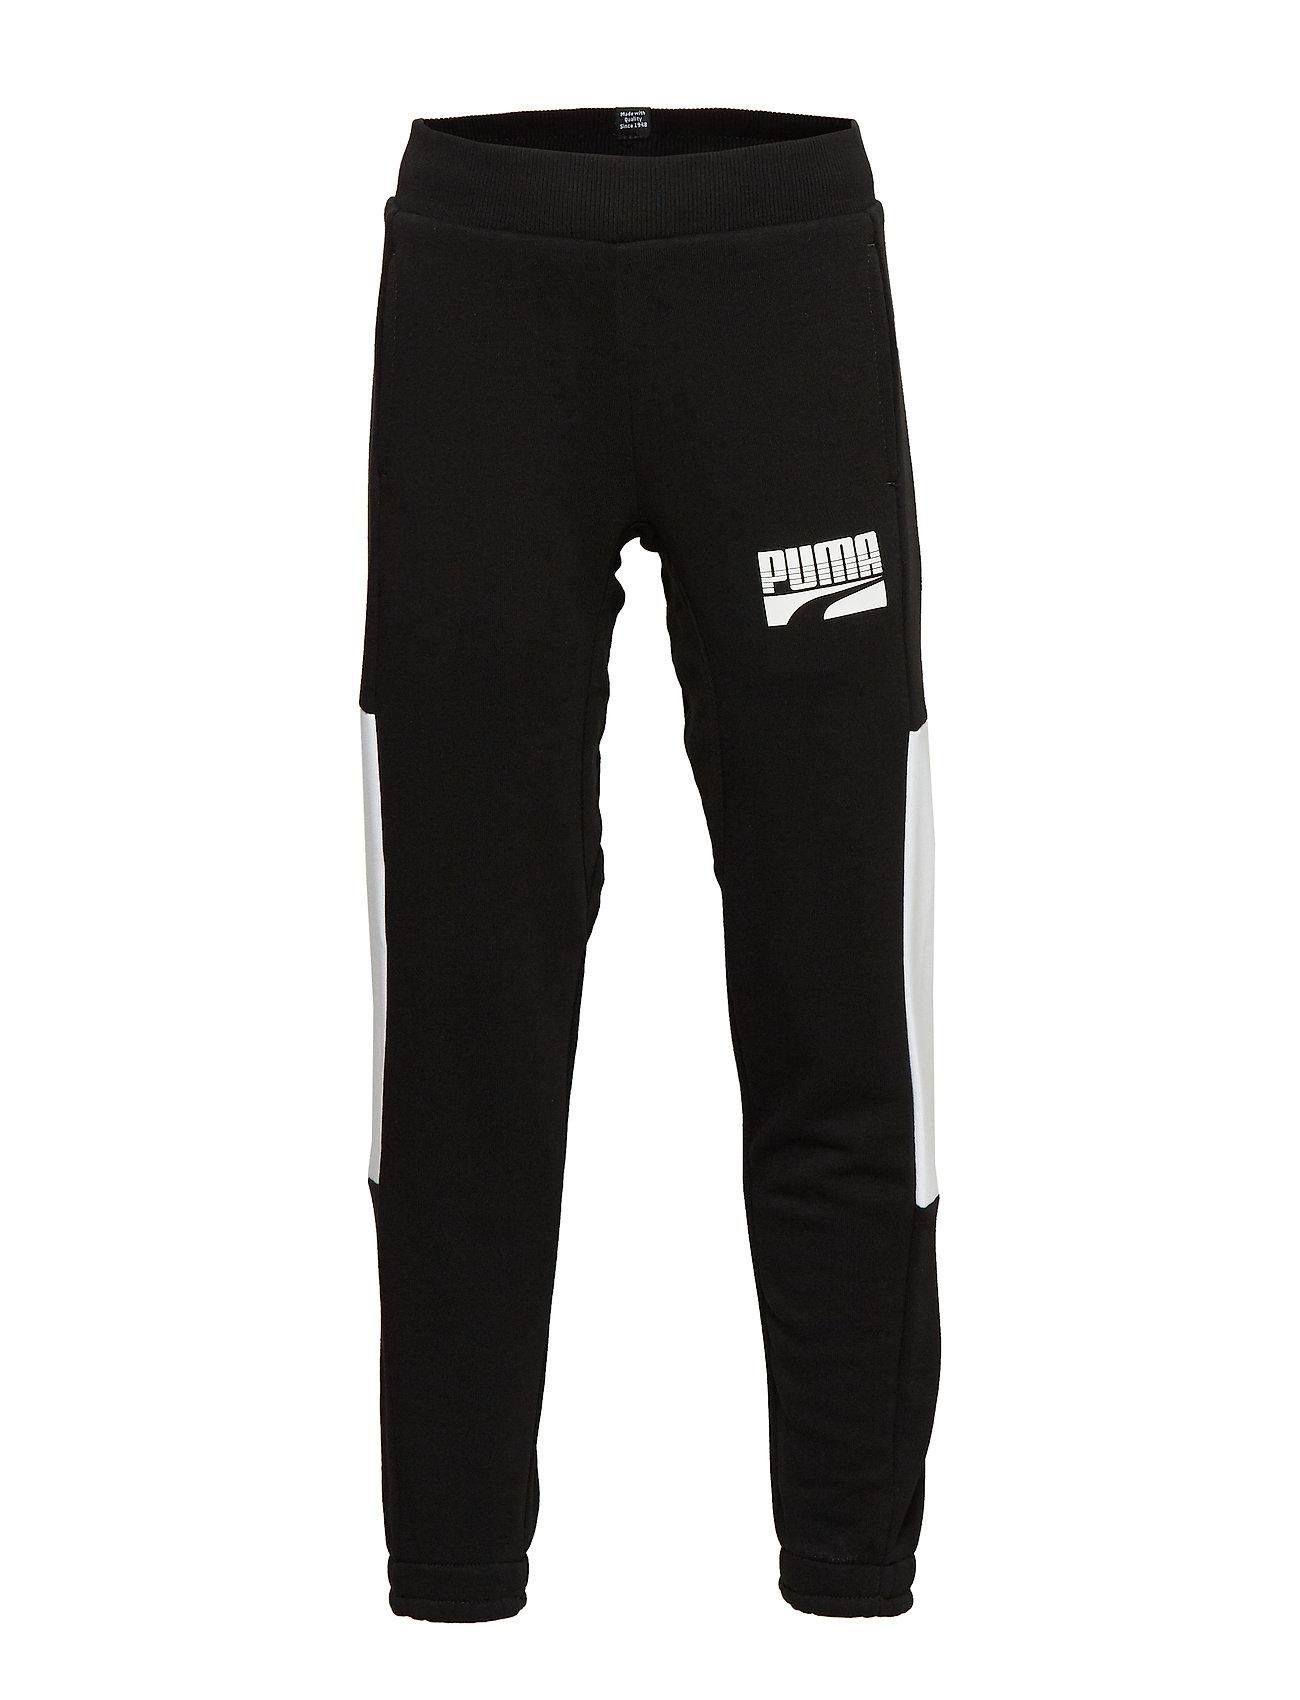 PUMA Rebel Block Sweat Pants TR cl B - PUMA BLACK